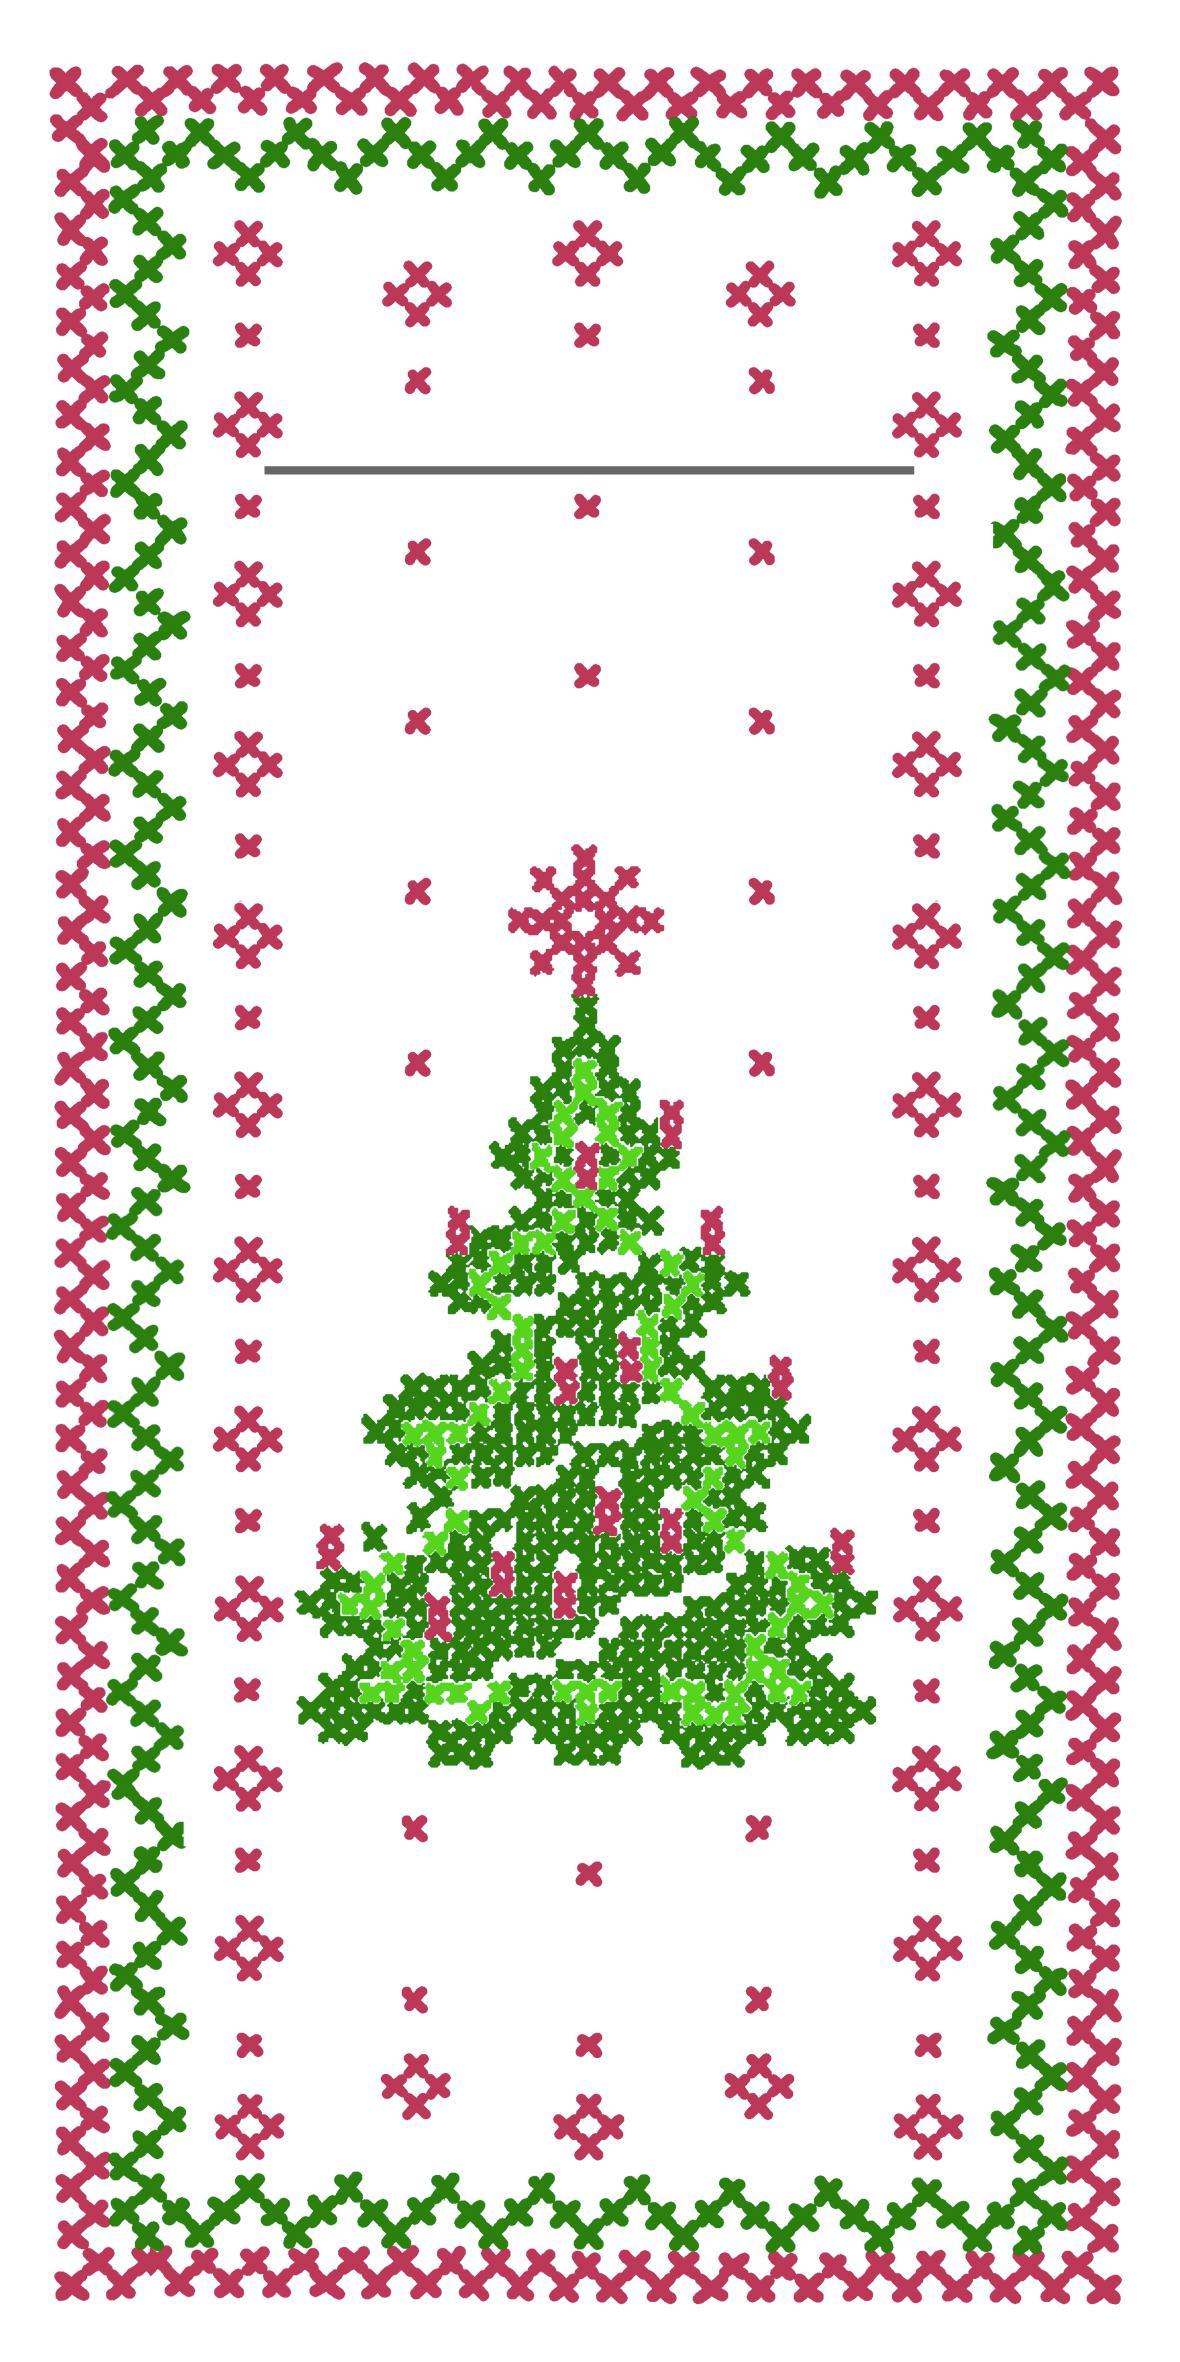 Serviette Bestecktasche Tannenbaum 33951 Weihnachten Tischdeko